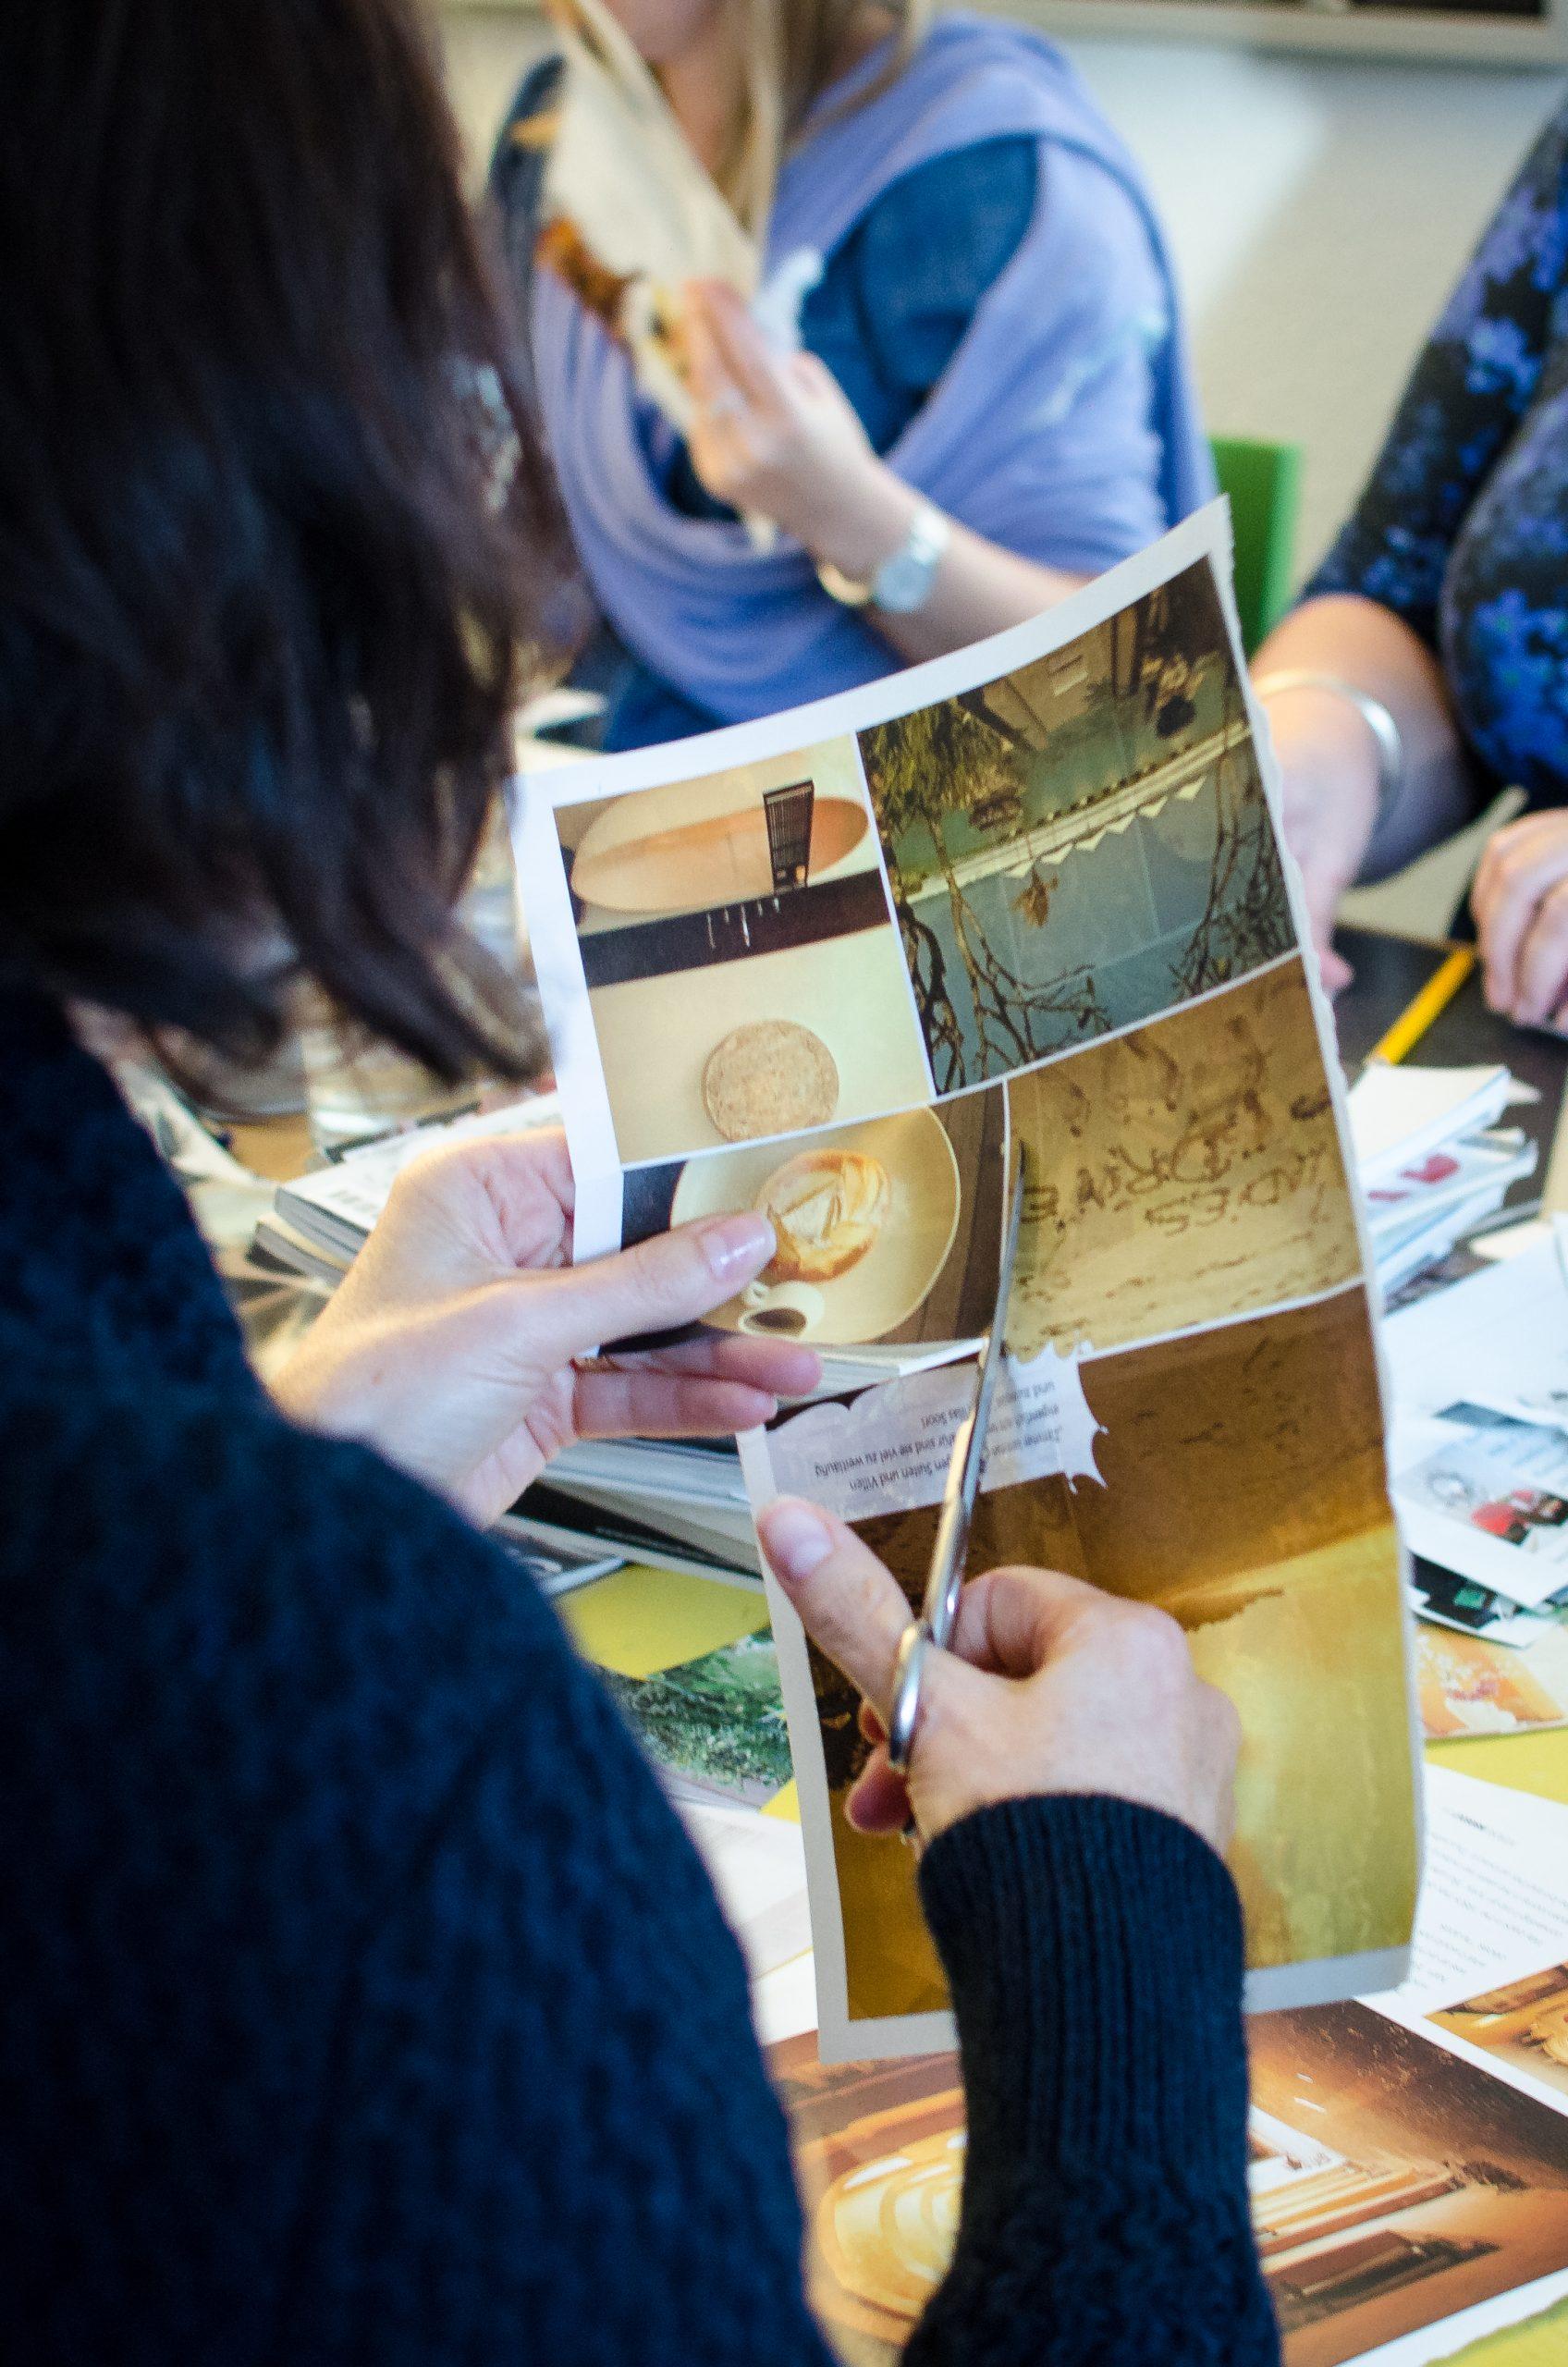 interior design workshop participant